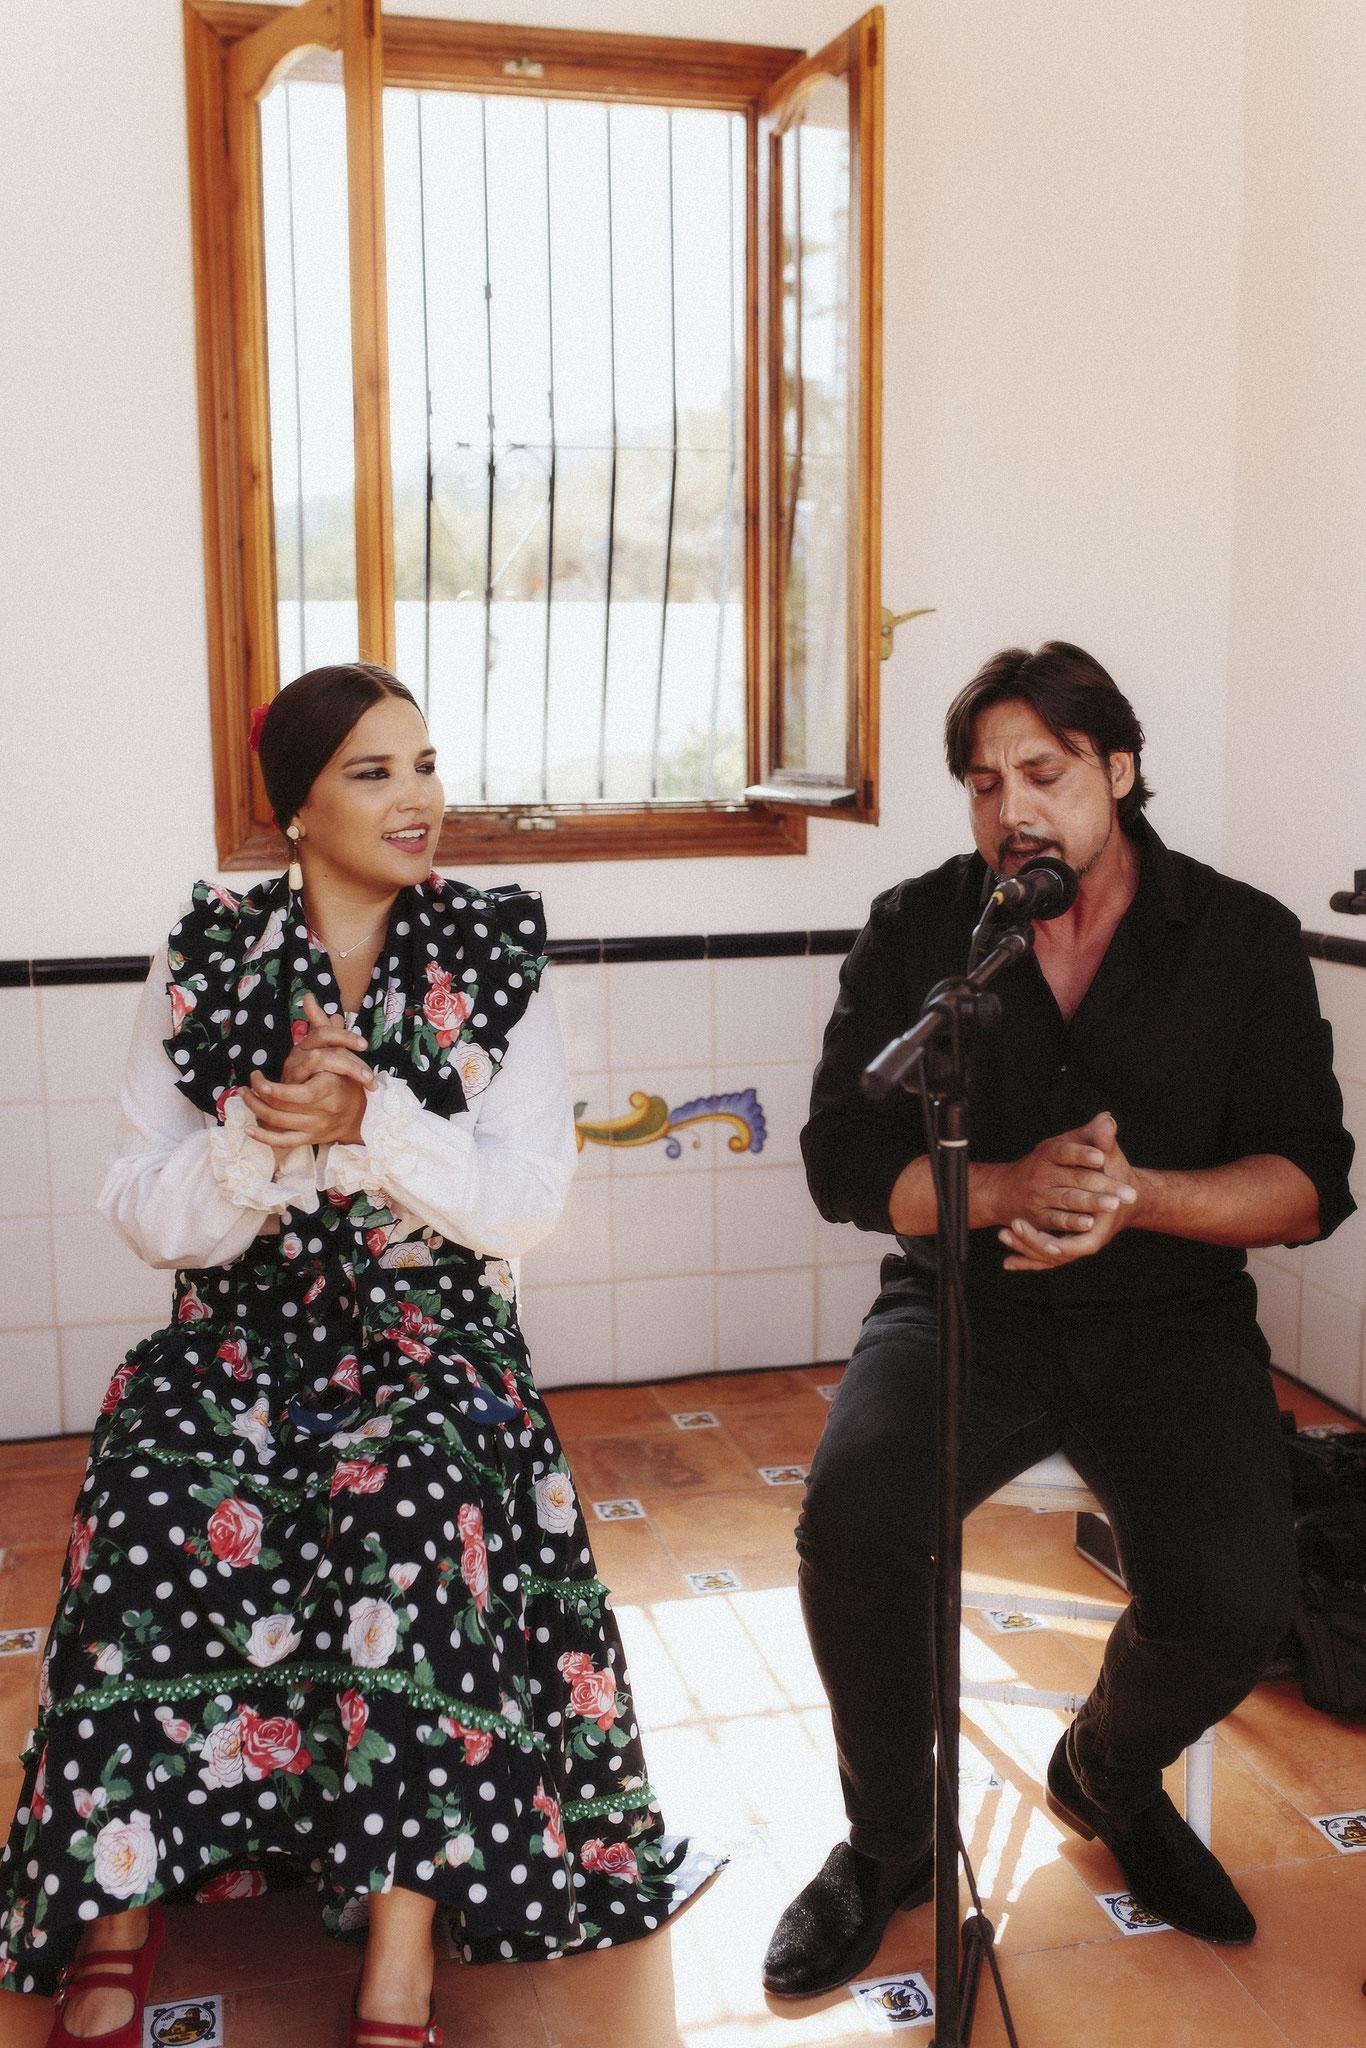 In Spanien wird mit Flamenco gefeiert (Foto: Revela't)